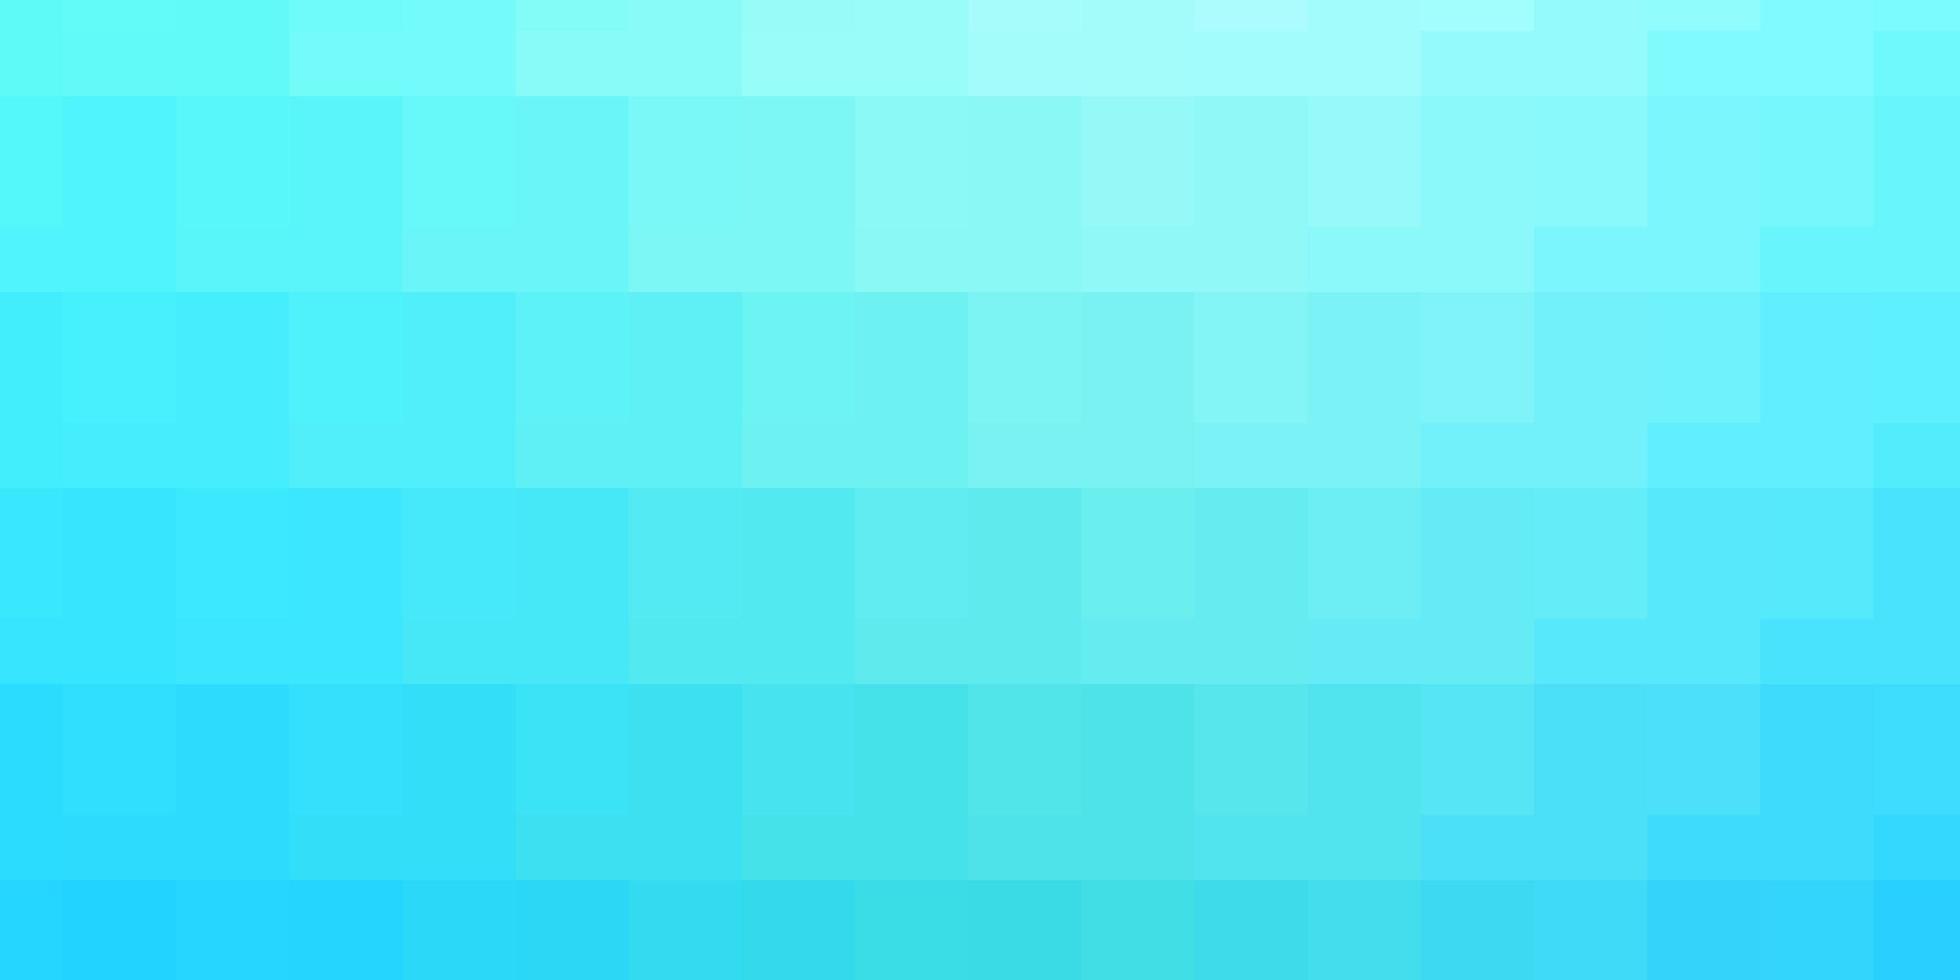 hellblaue Vorlage mit Rechtecken. vektor